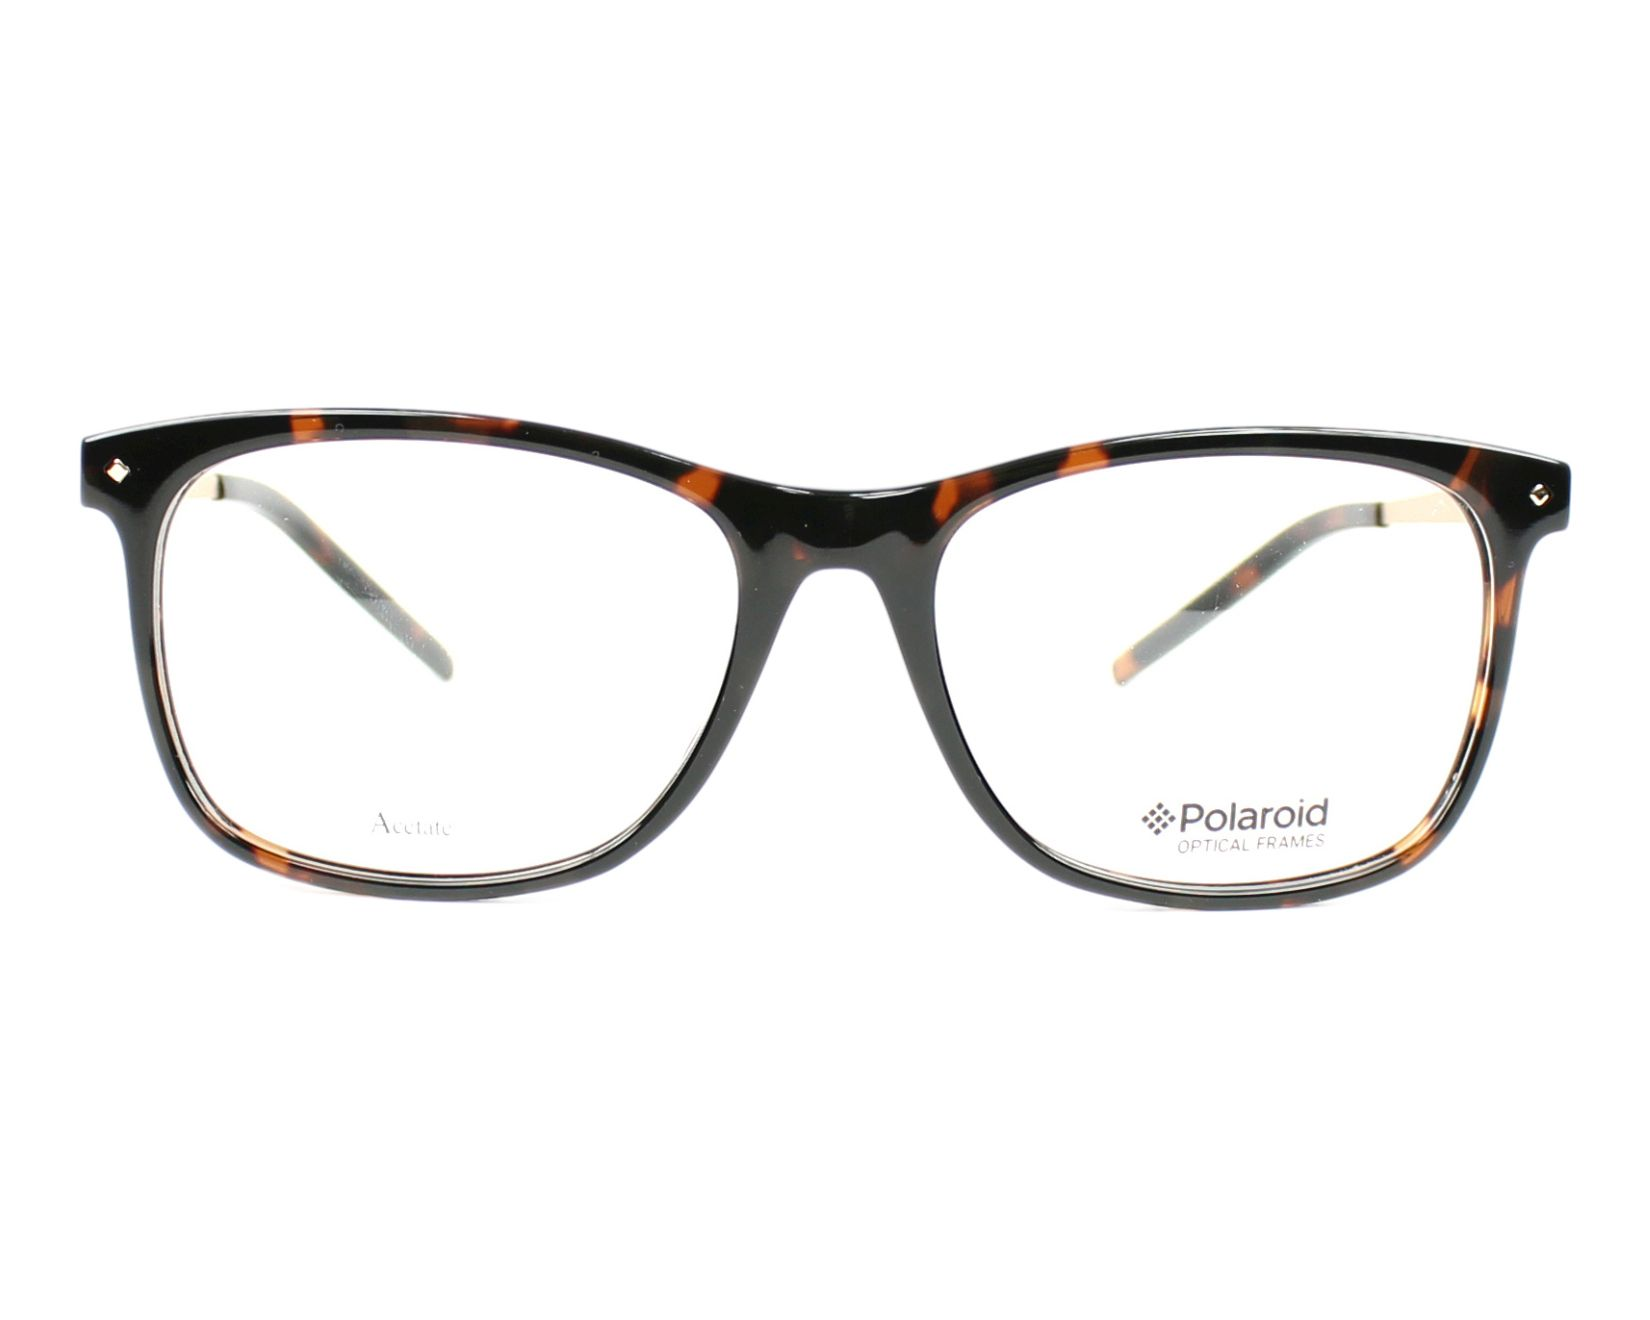 lunettes de vue polaroid pldd 308 1u2 pas cher opticiens. Black Bedroom Furniture Sets. Home Design Ideas